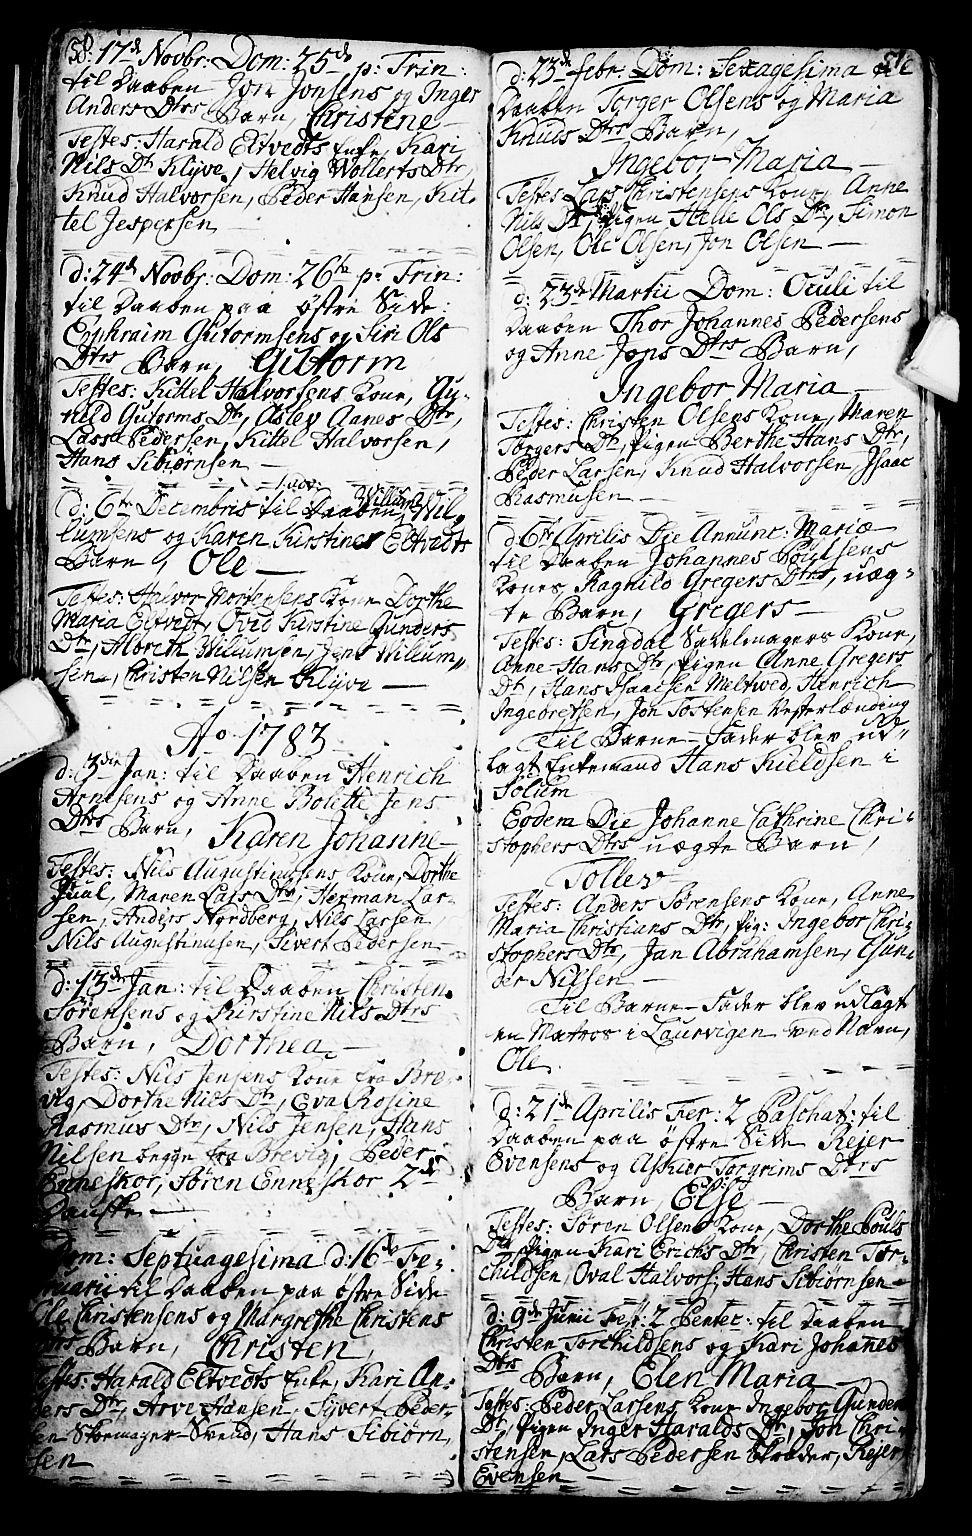 SAKO, Porsgrunn kirkebøker , G/Ga/L0001: Klokkerbok nr. I 1, 1766-1790, s. 50-51